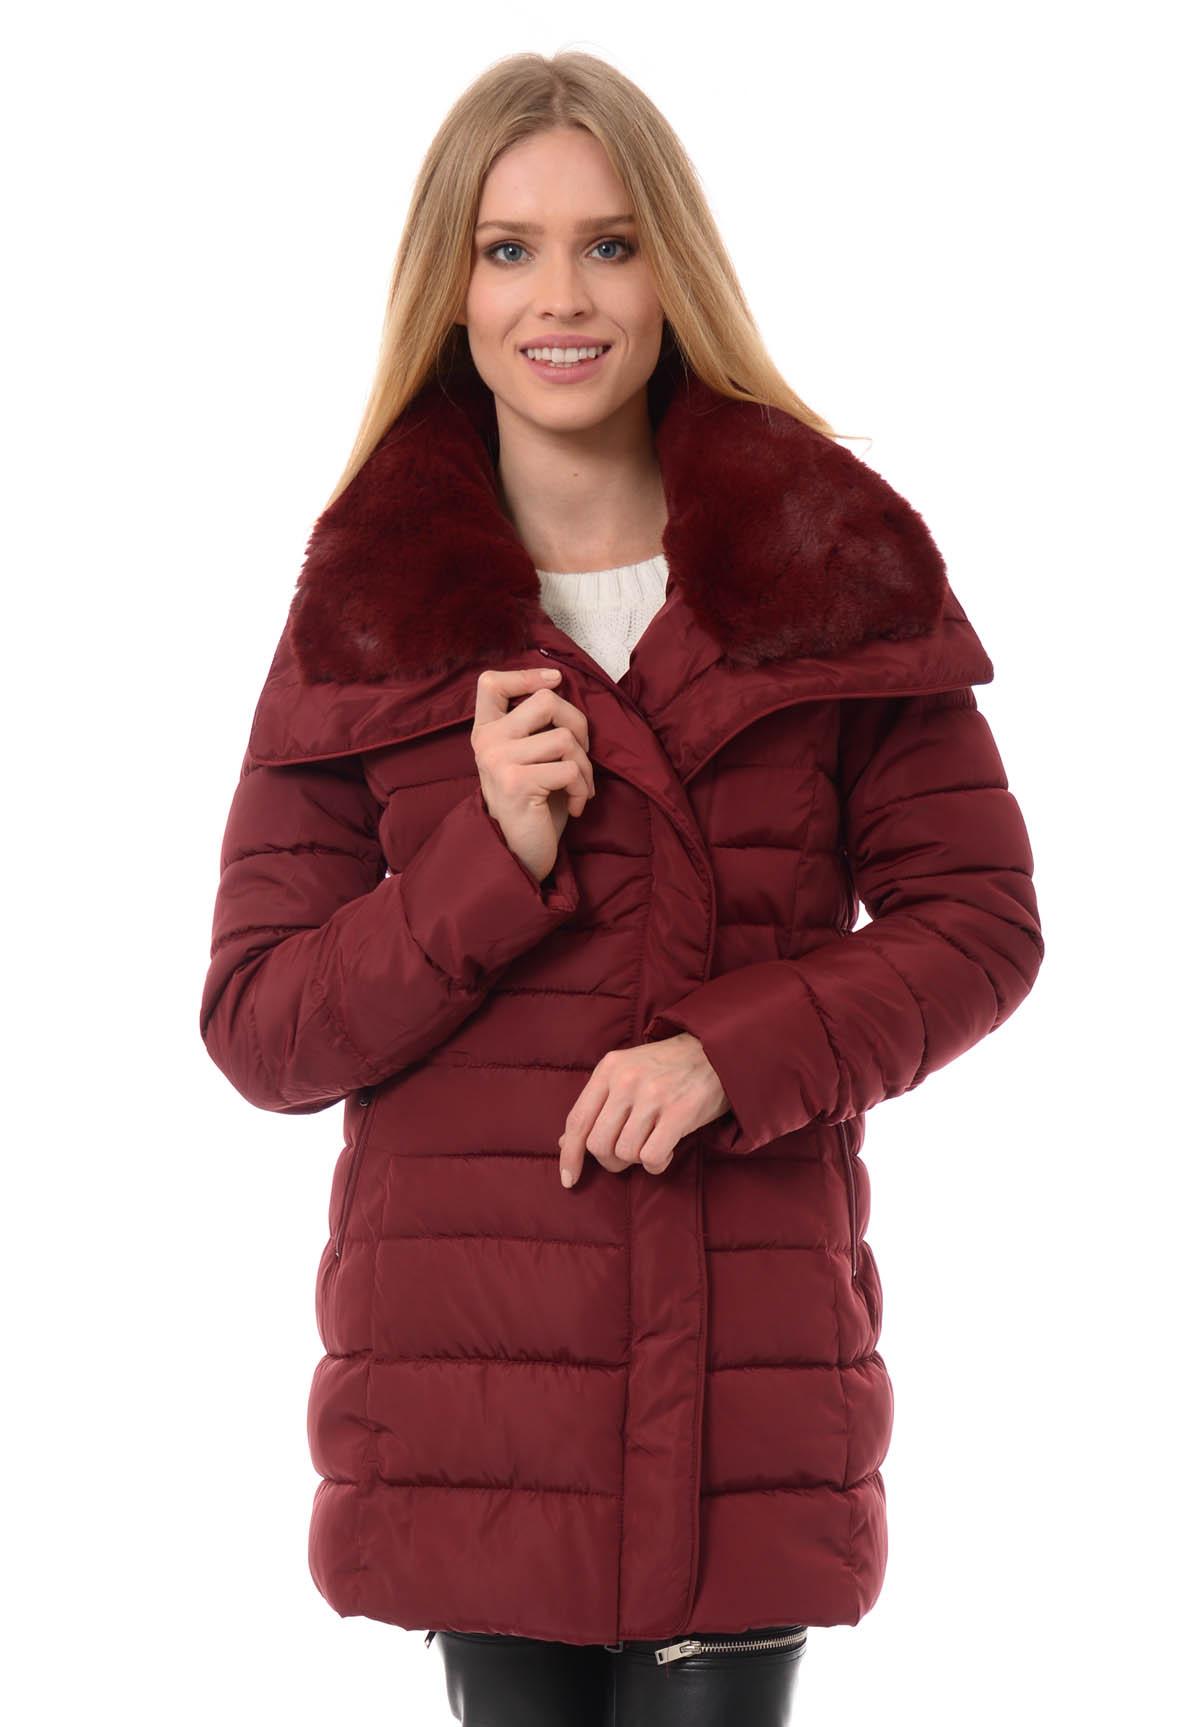 Podstawy idealnej damskiej stylizacji na zimę